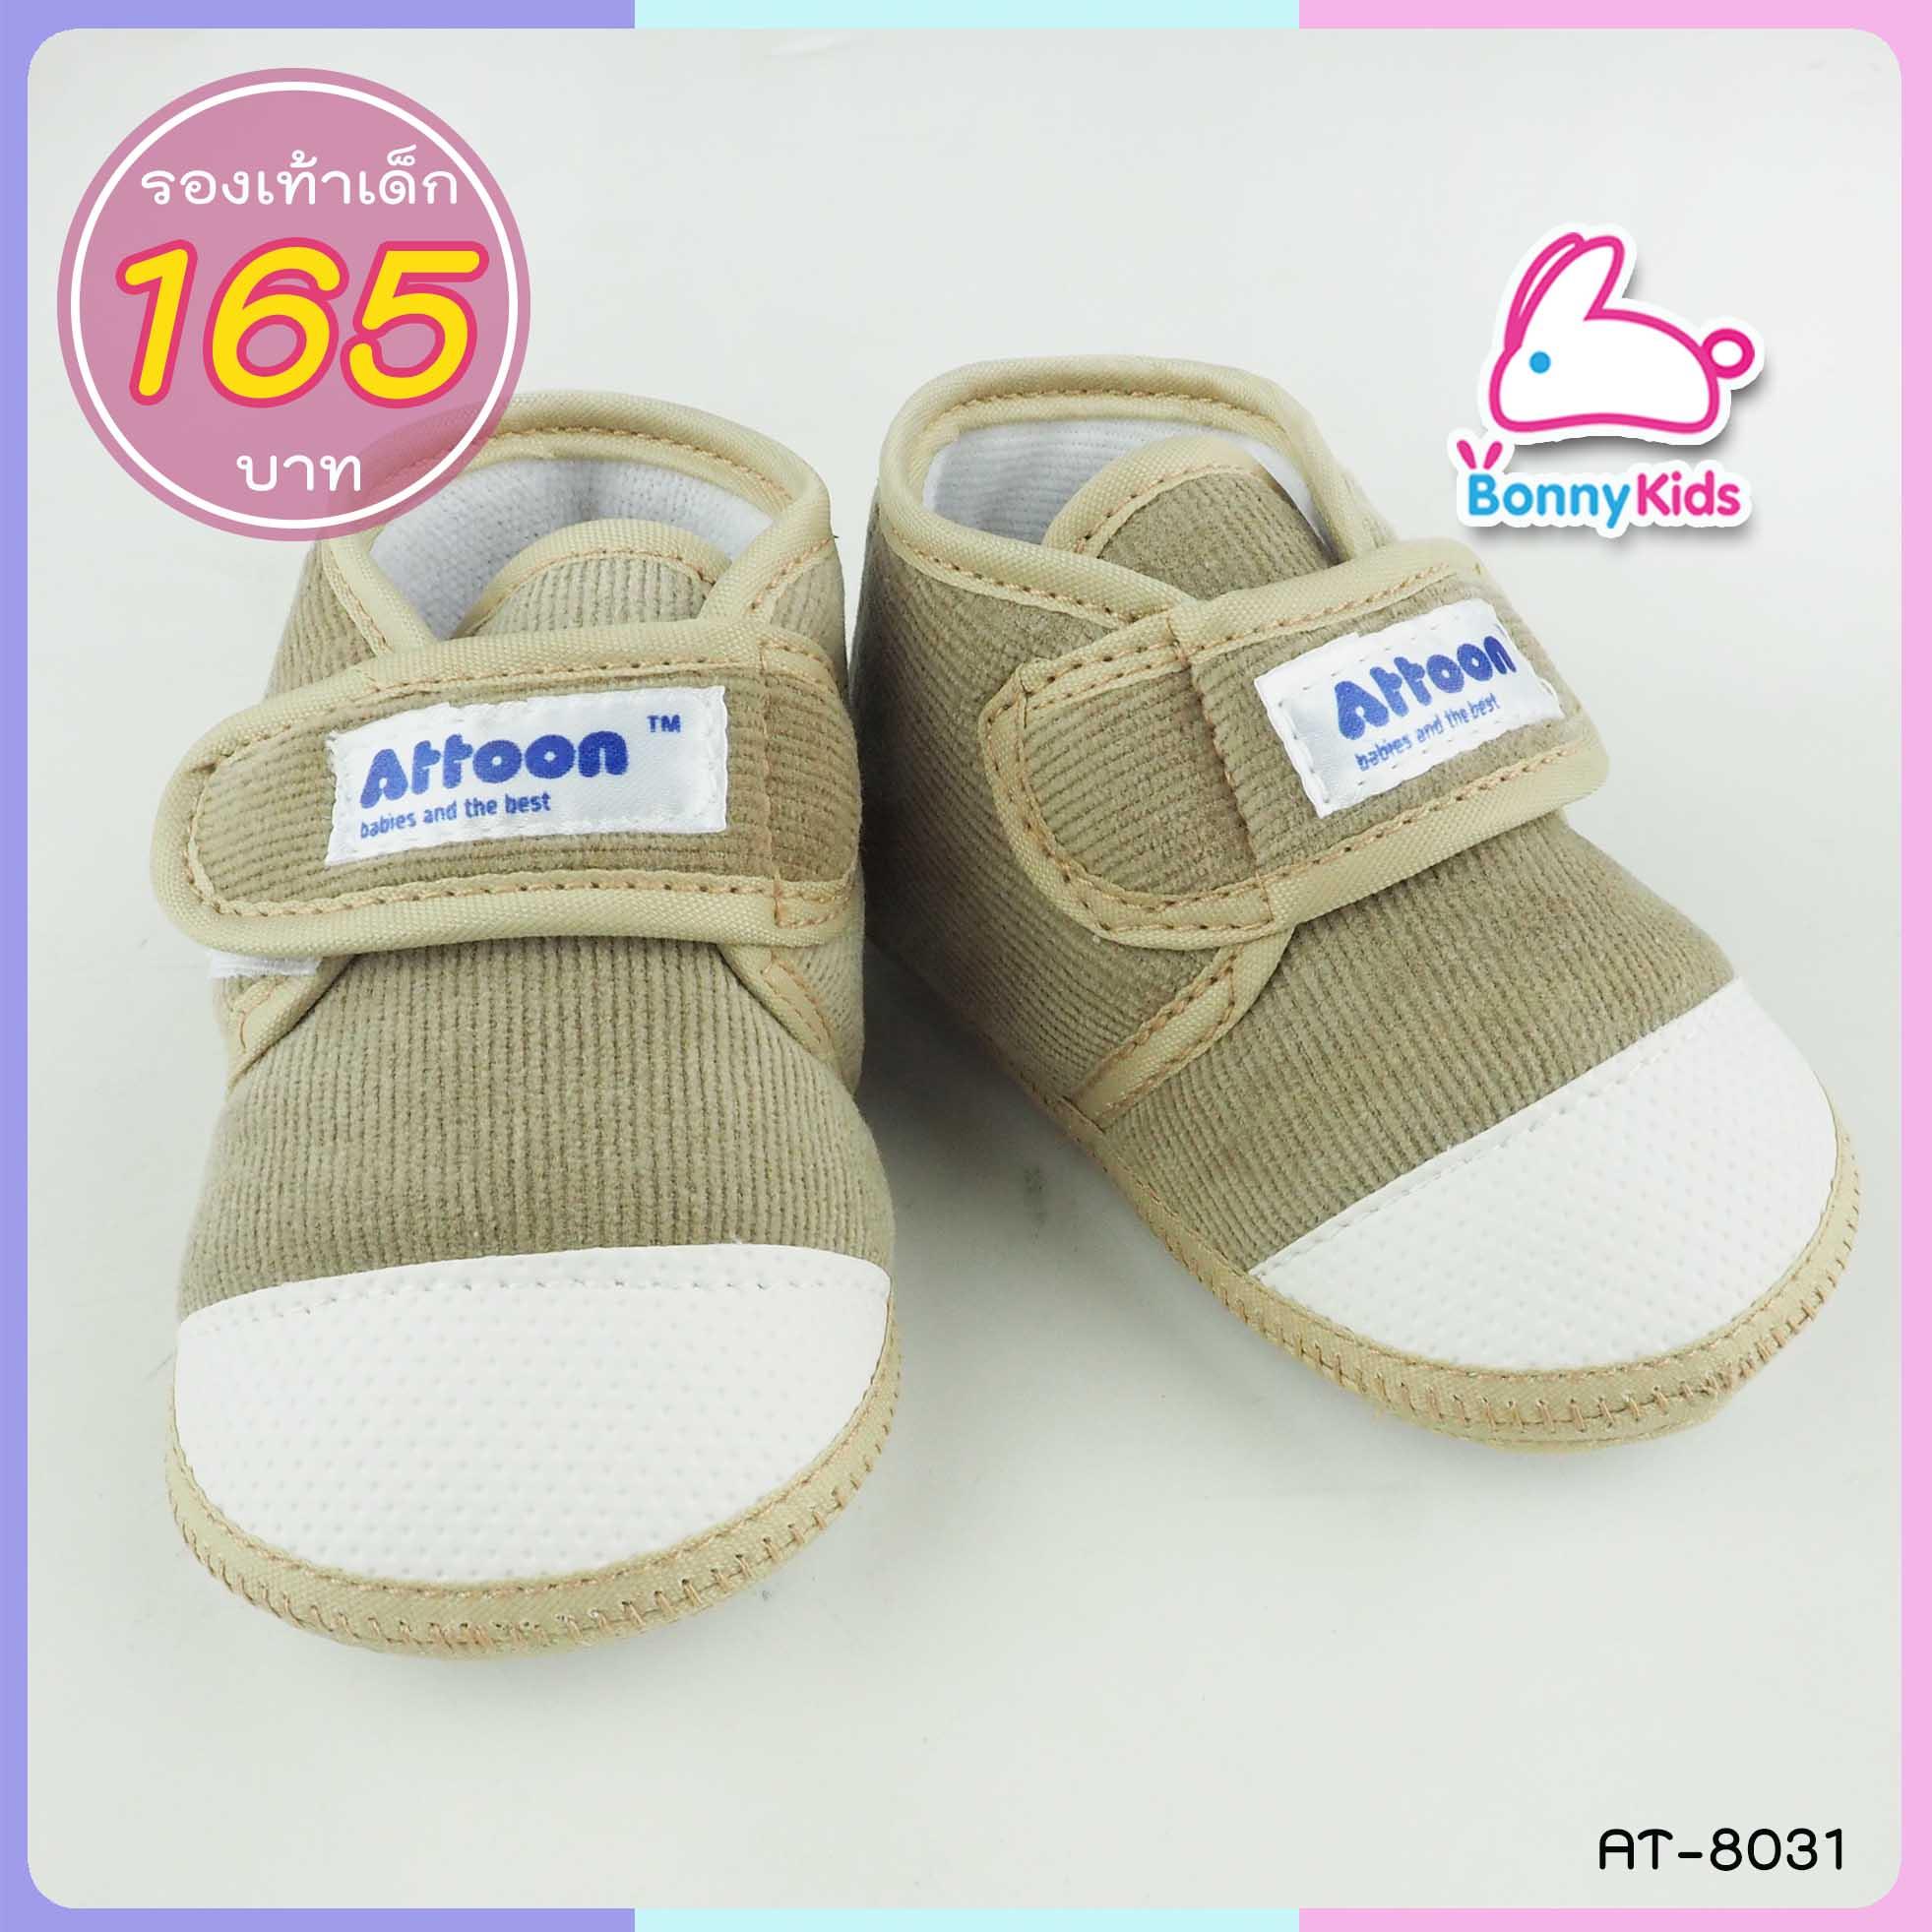 รองเท้าเด็กอ่อน ATTOON ขนาดพื้นเท้า 11 cm สำหรับเด็ก 6-12 เดือน สีน้ำตาล